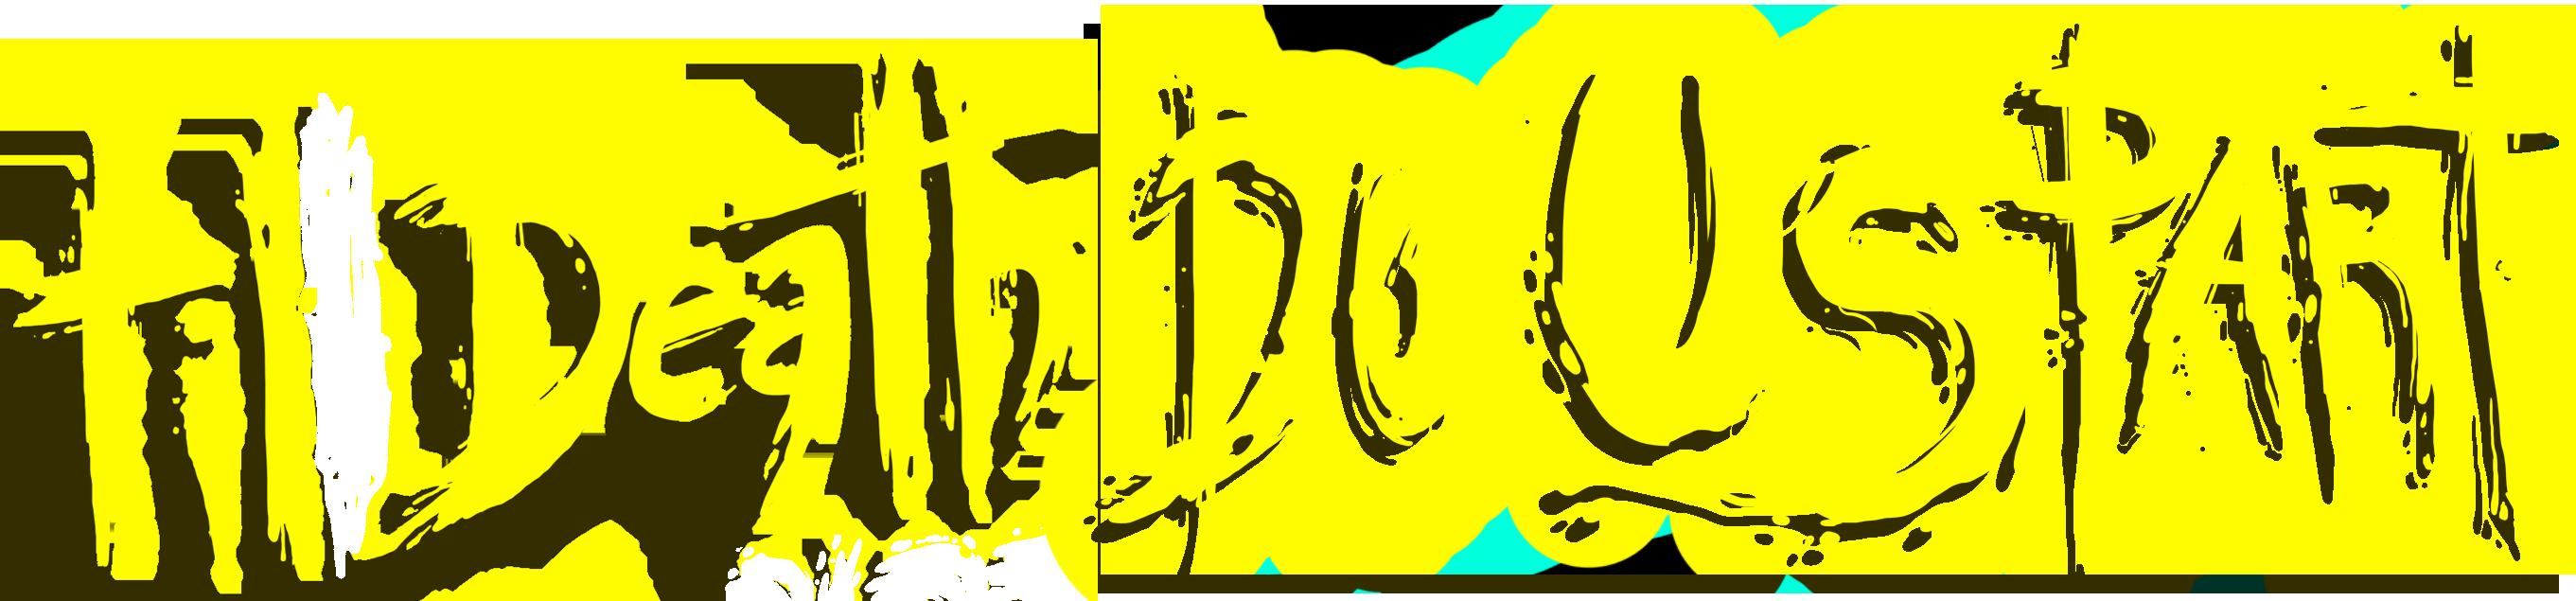 Tdduplogo